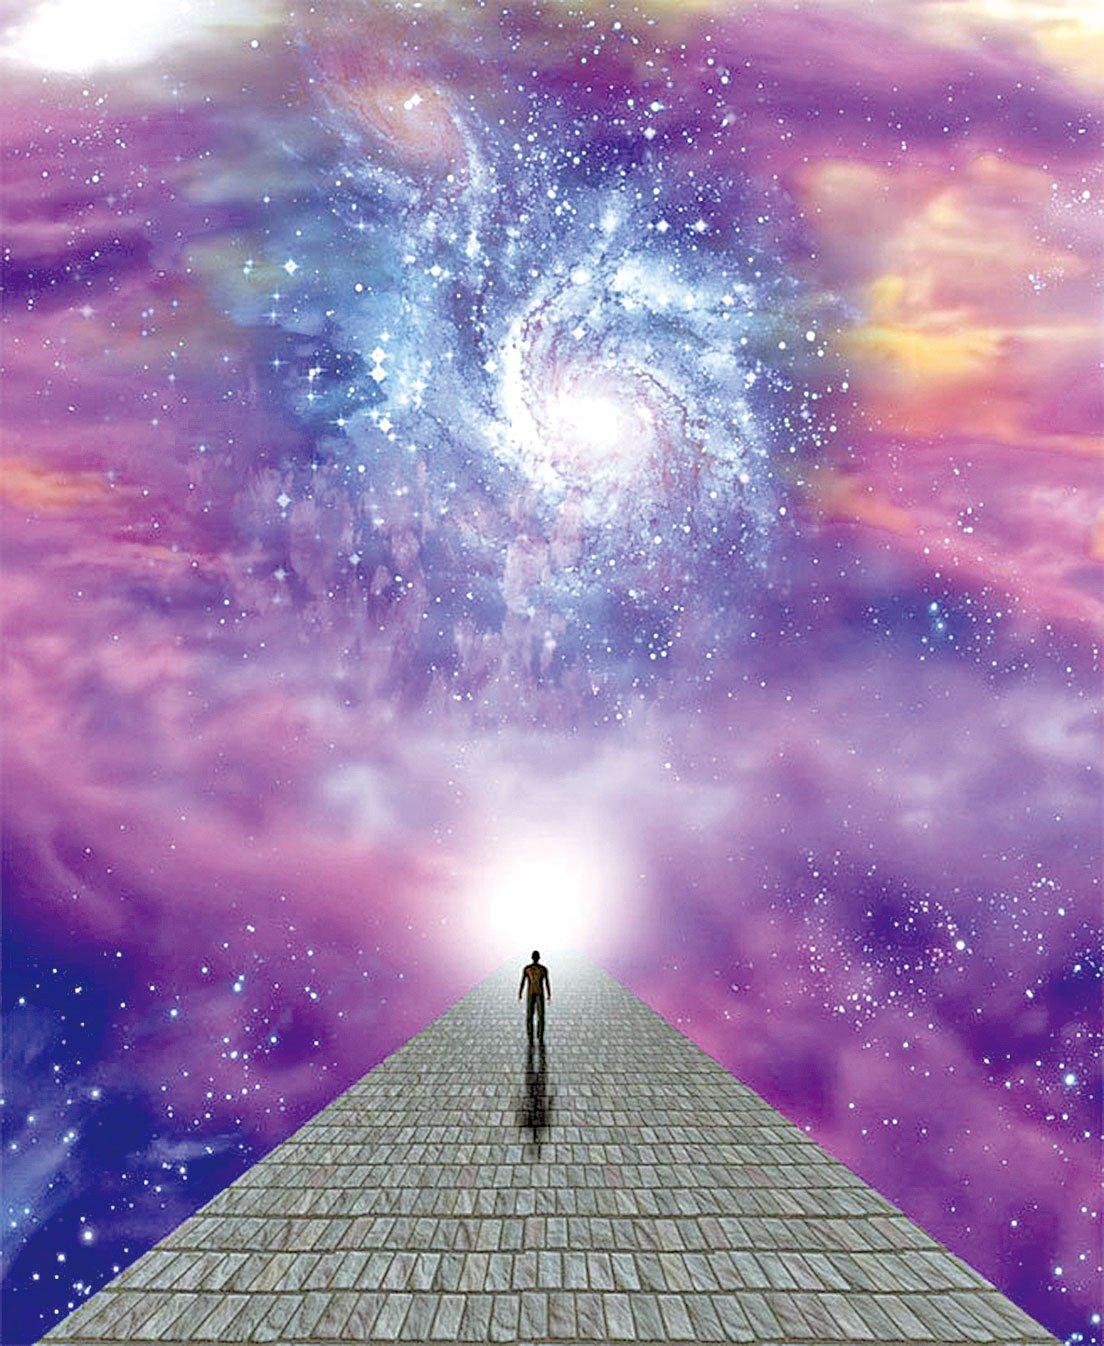 靈媒無數的超自然通靈案例讓無神論學者轉變觀念。(Fotolia)